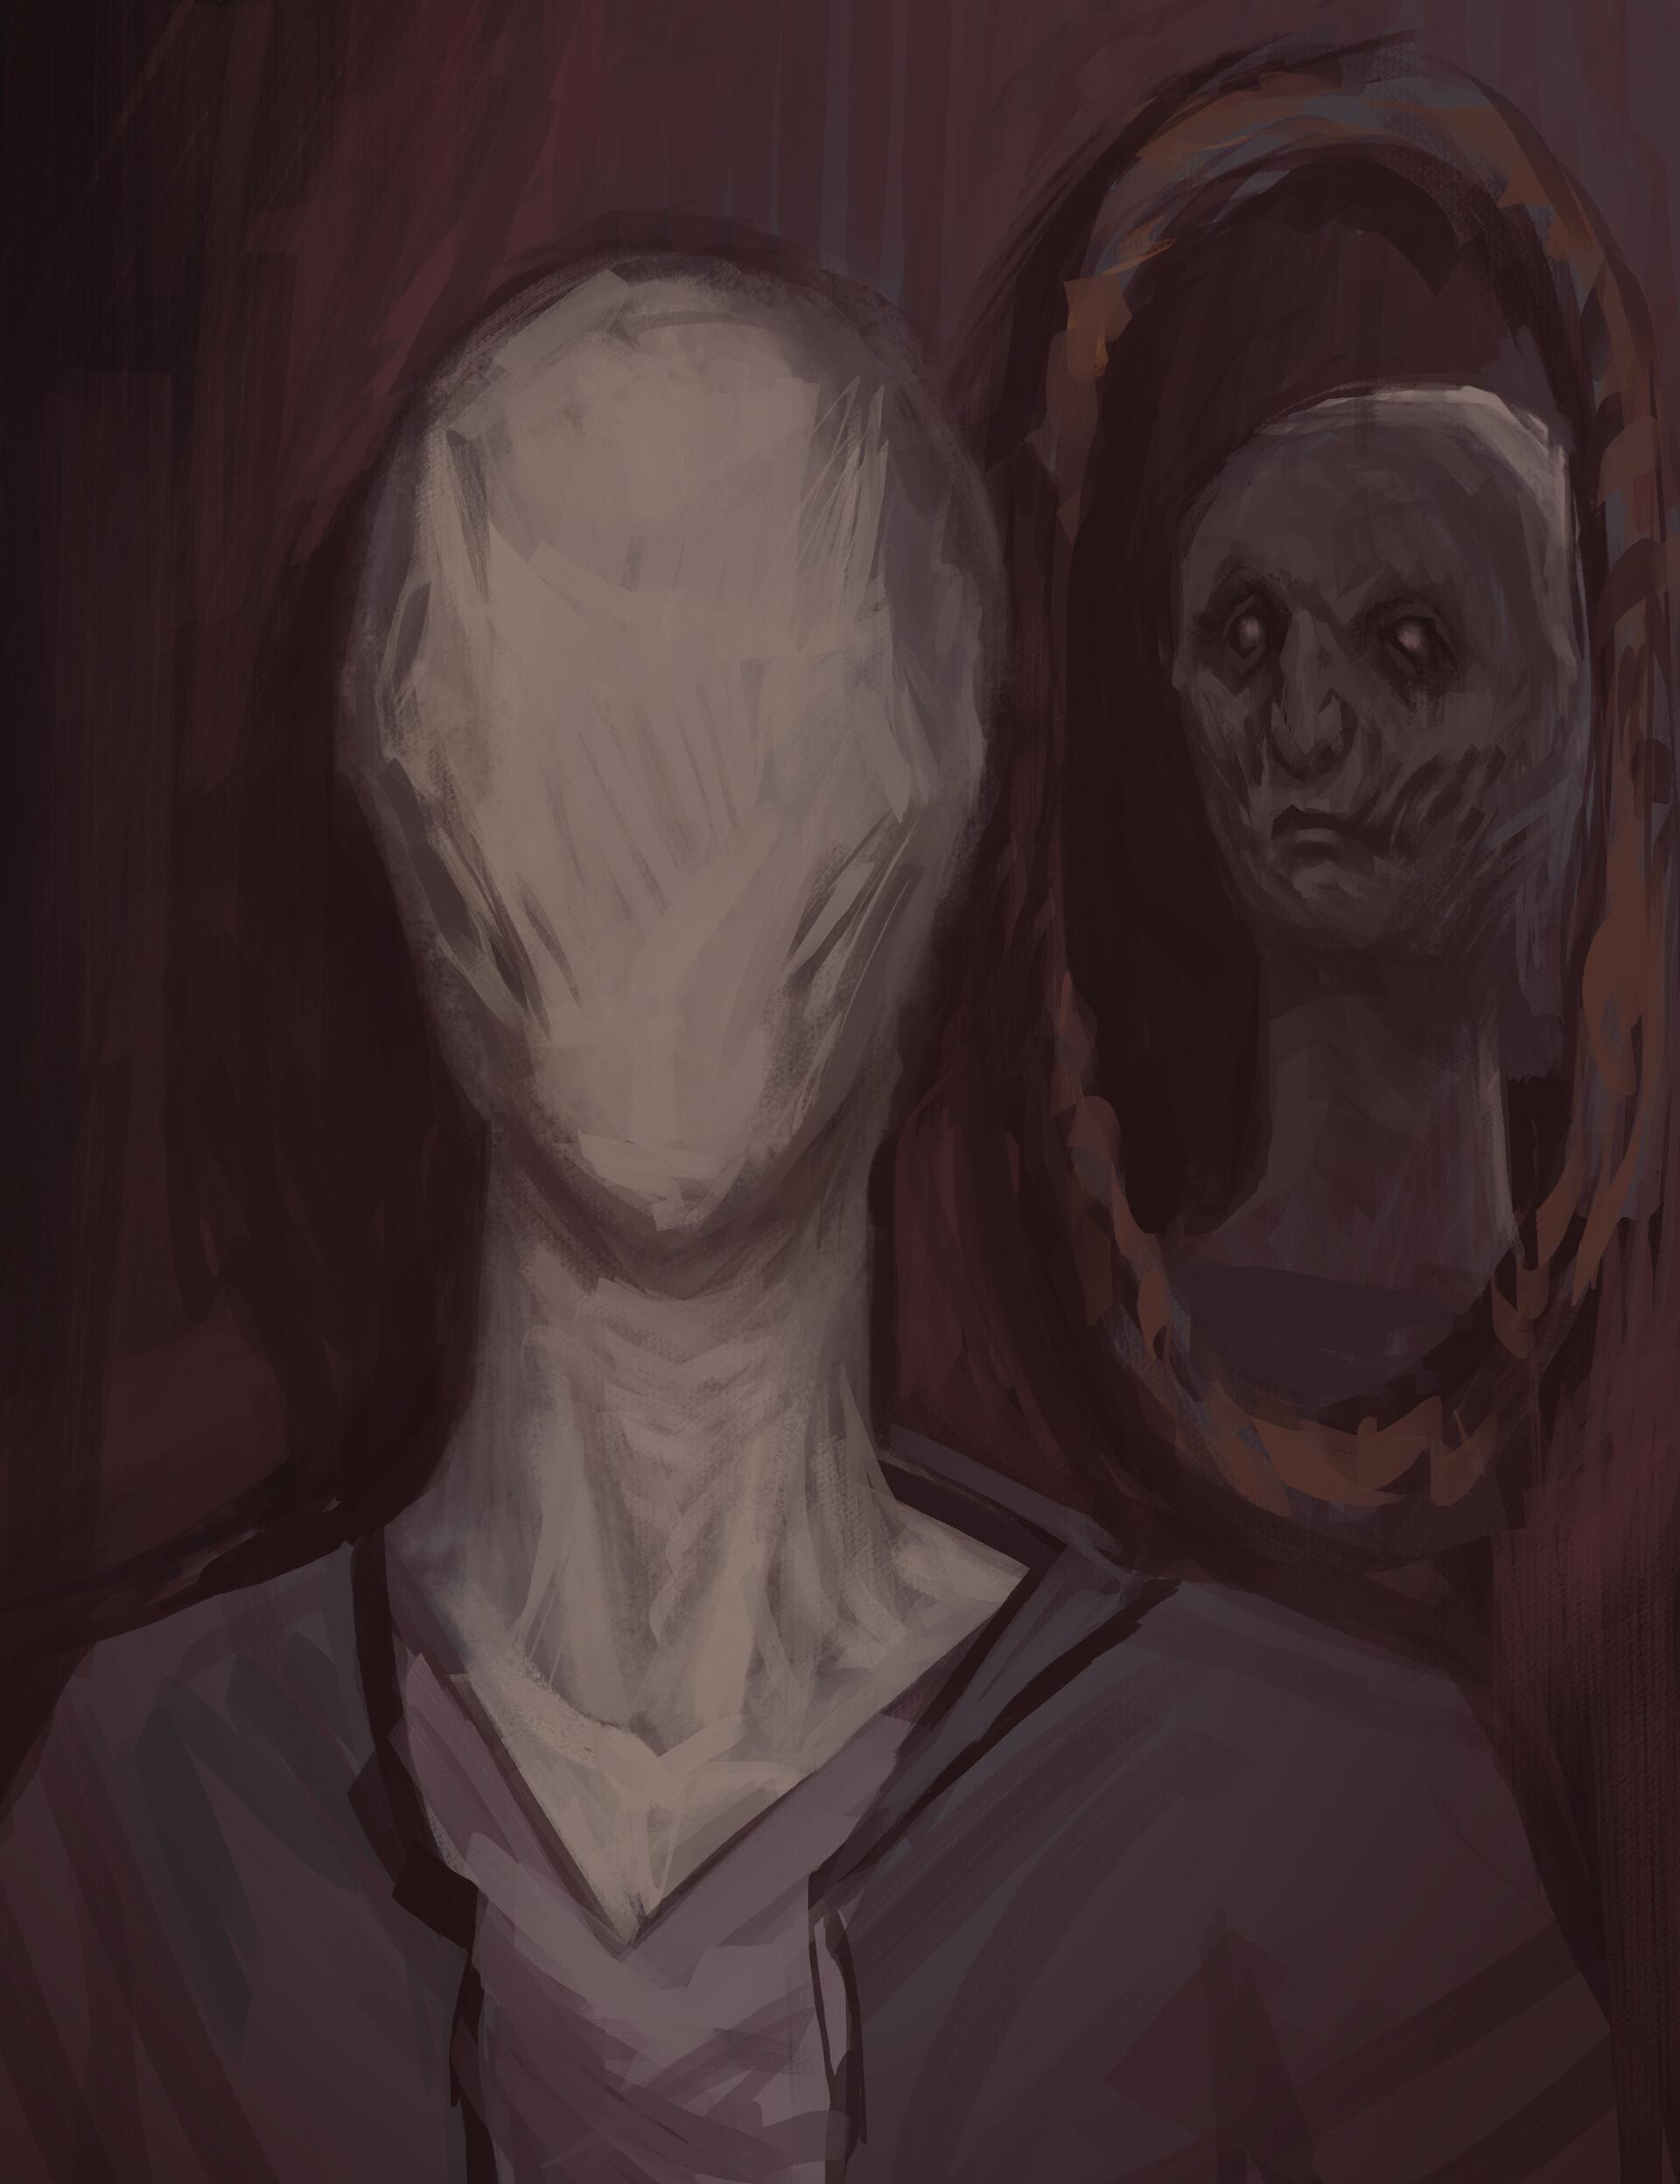 Thomas bourdon hidden face sketch